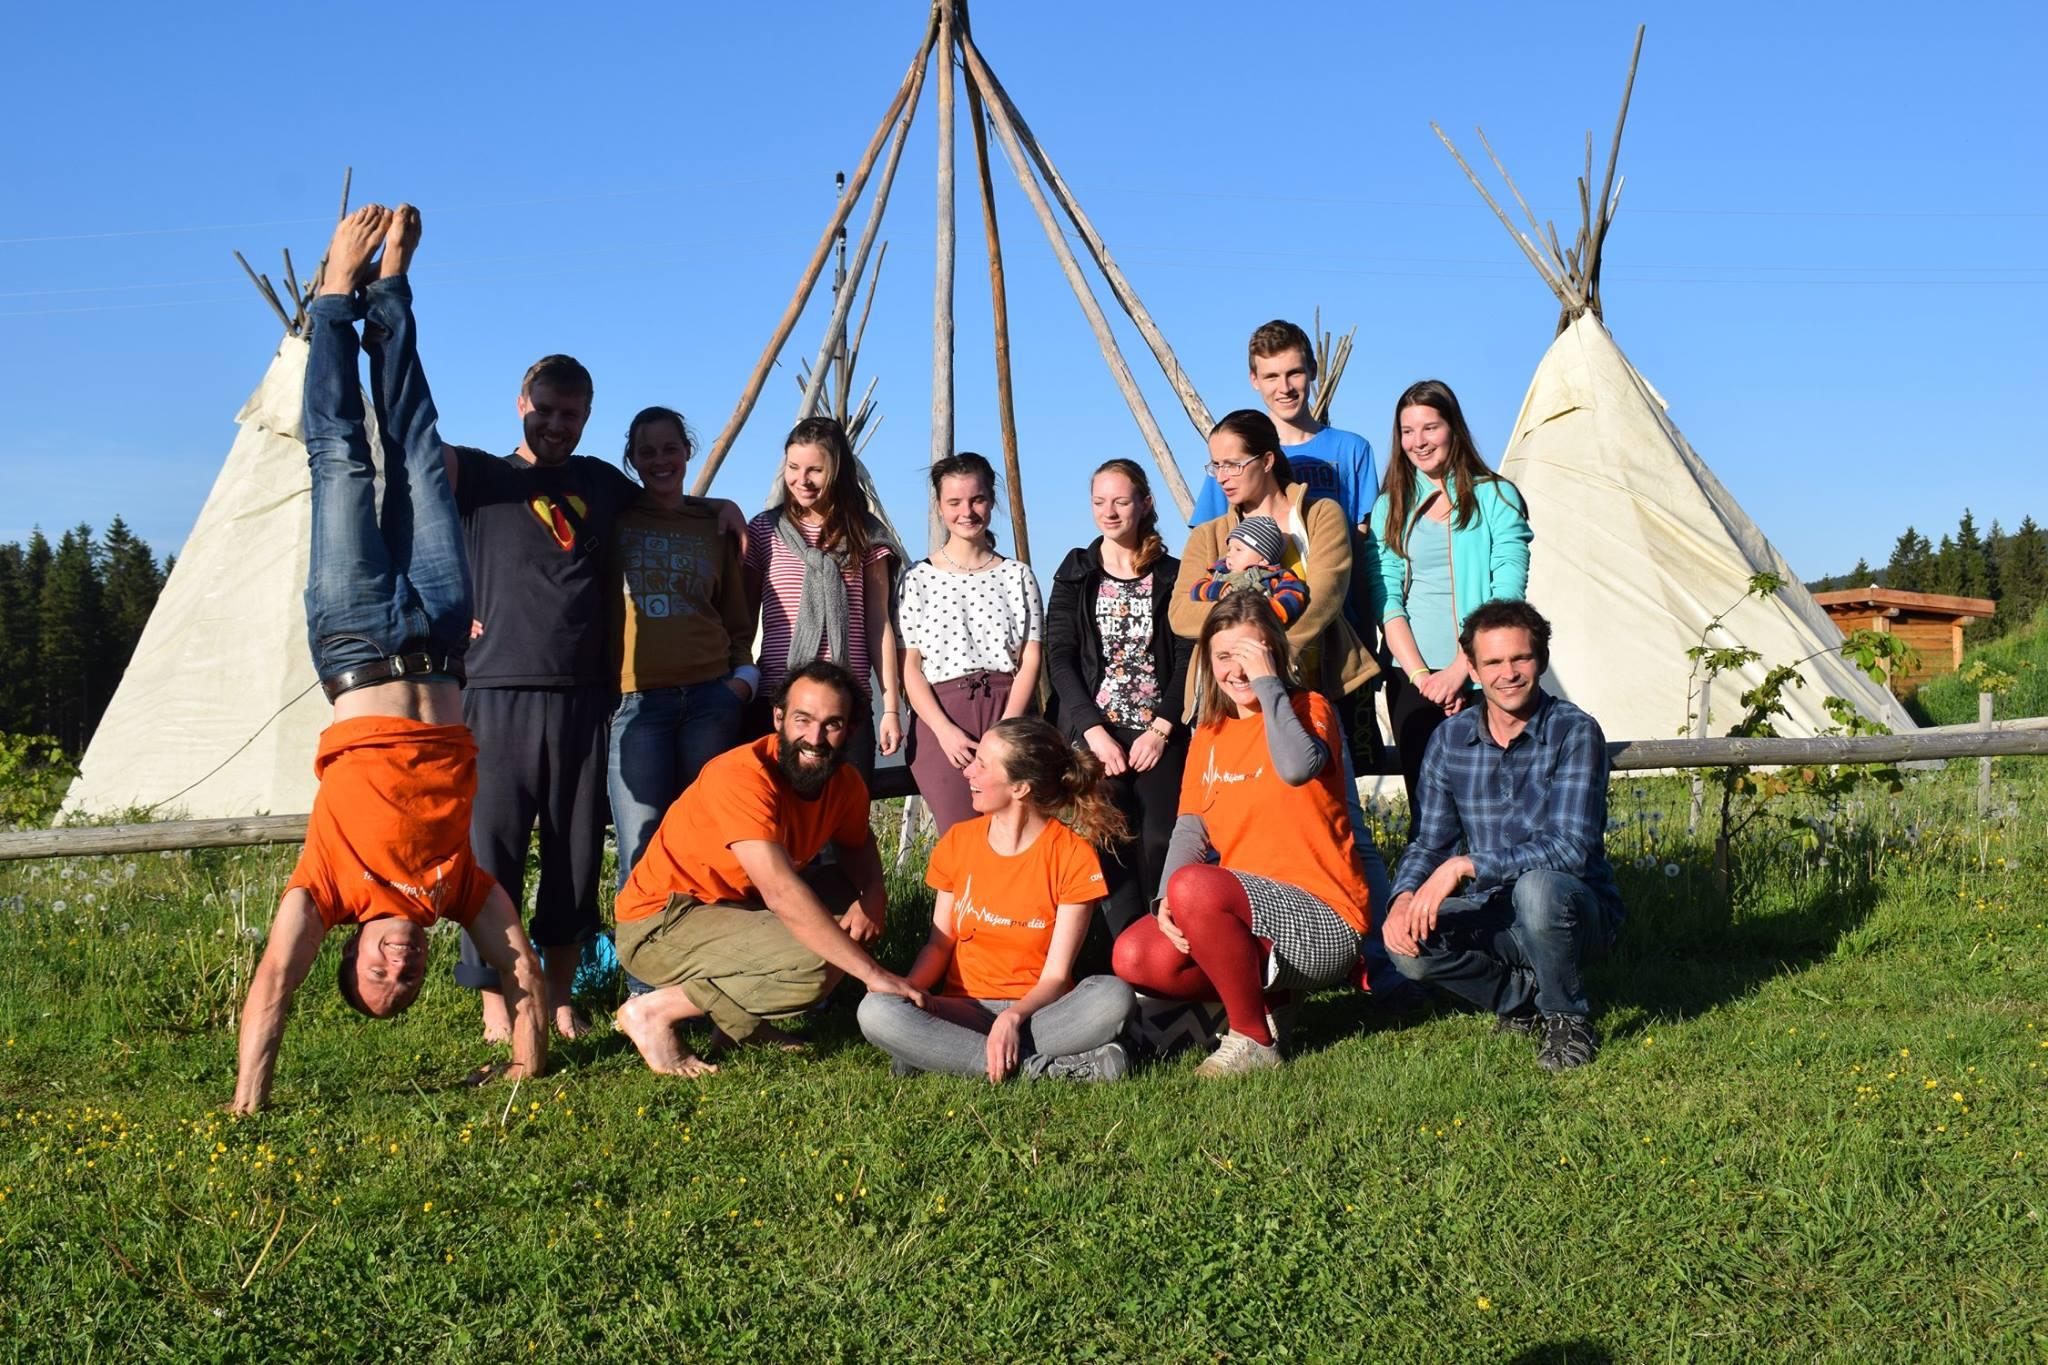 Nahodili jsme kostru táborů i rejvízských teepee